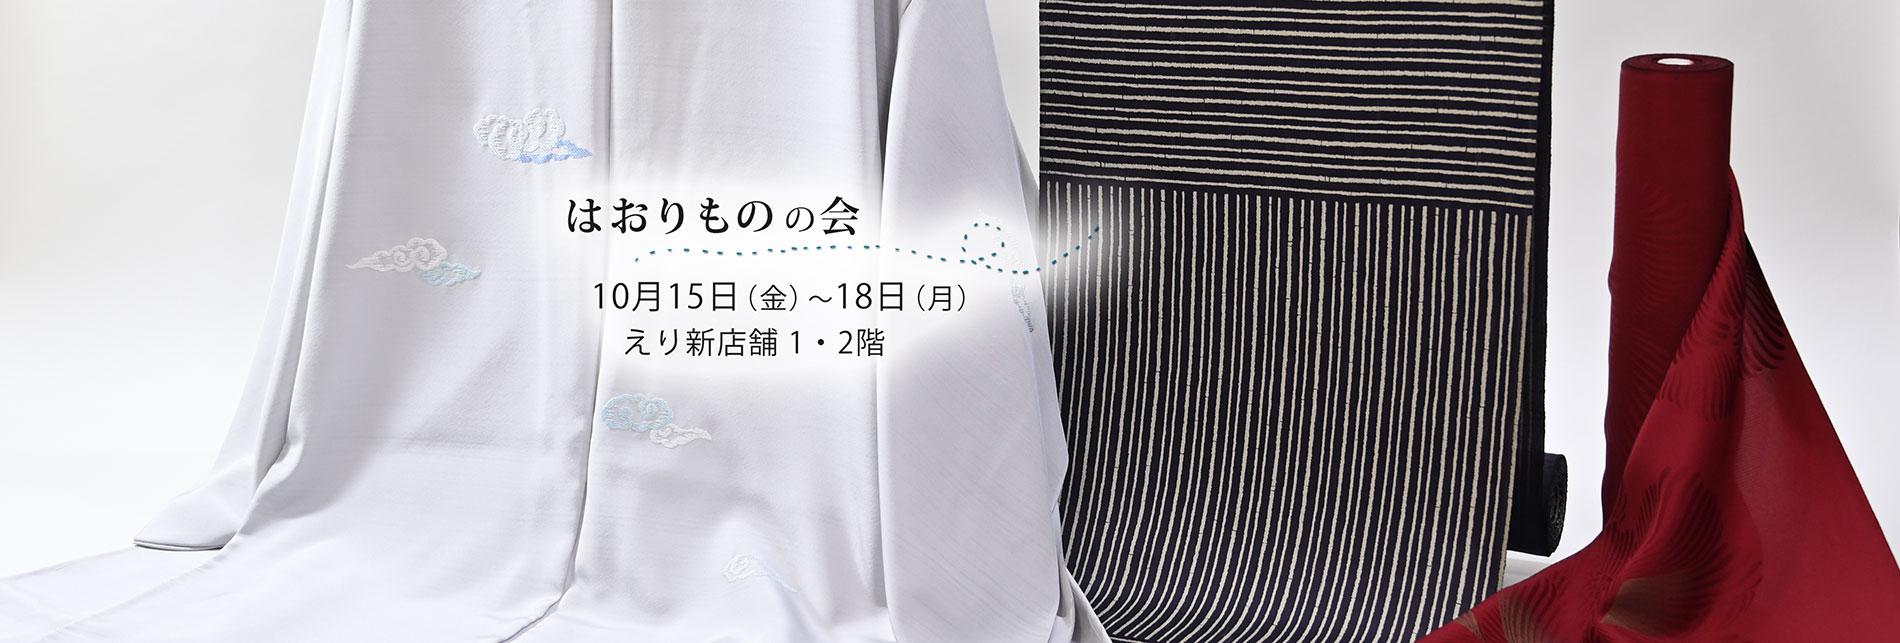 『 はおりものの会 』えり新店舗1・2階にて